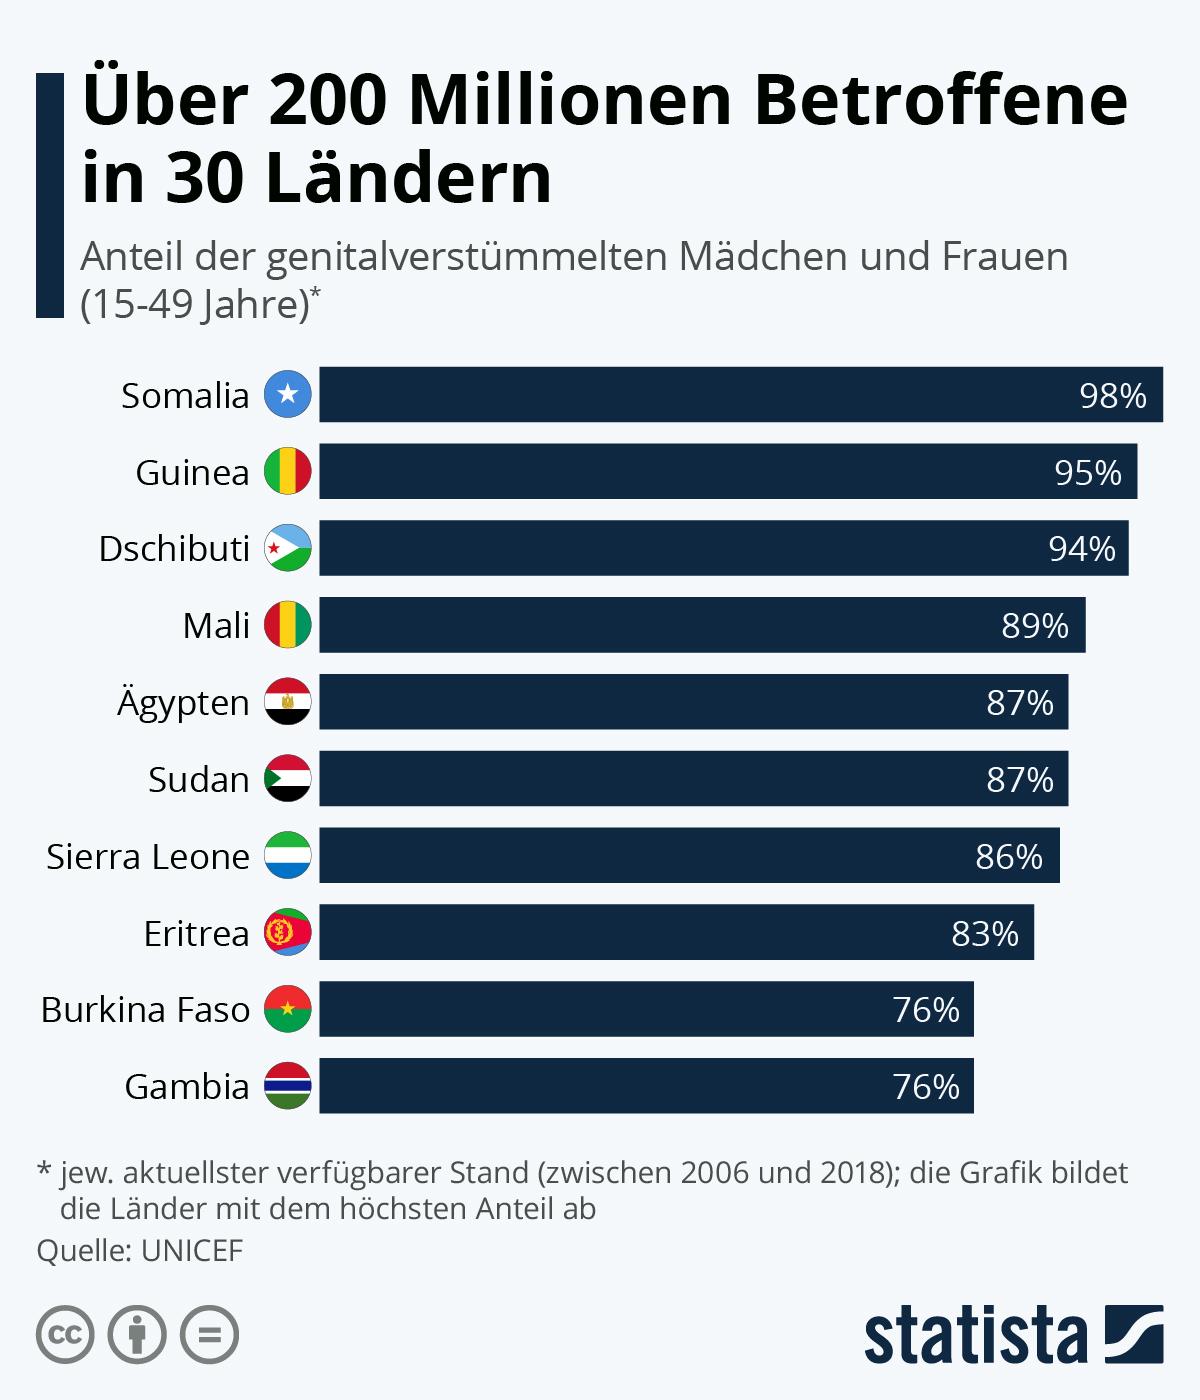 Infografik: Über 200 Millionen Betroffene in 30 Ländern | Statista